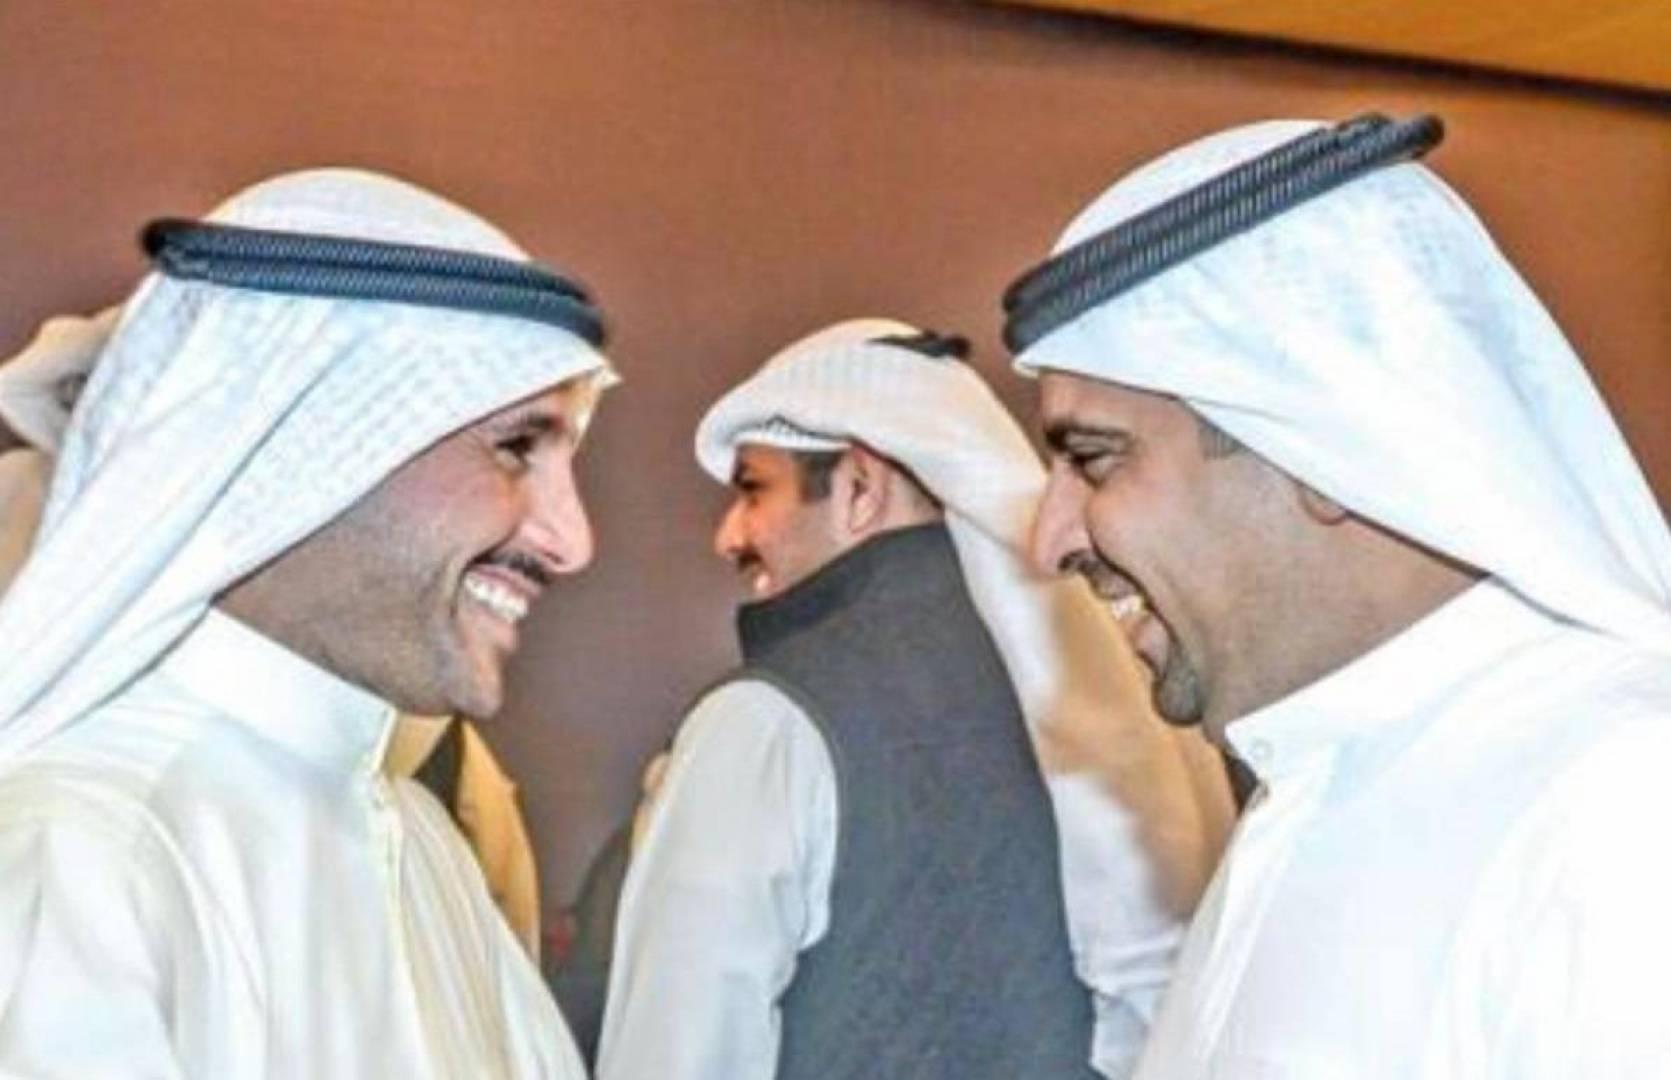 الرئيس الغانم: أخي راكان خير من يمثل الكويت